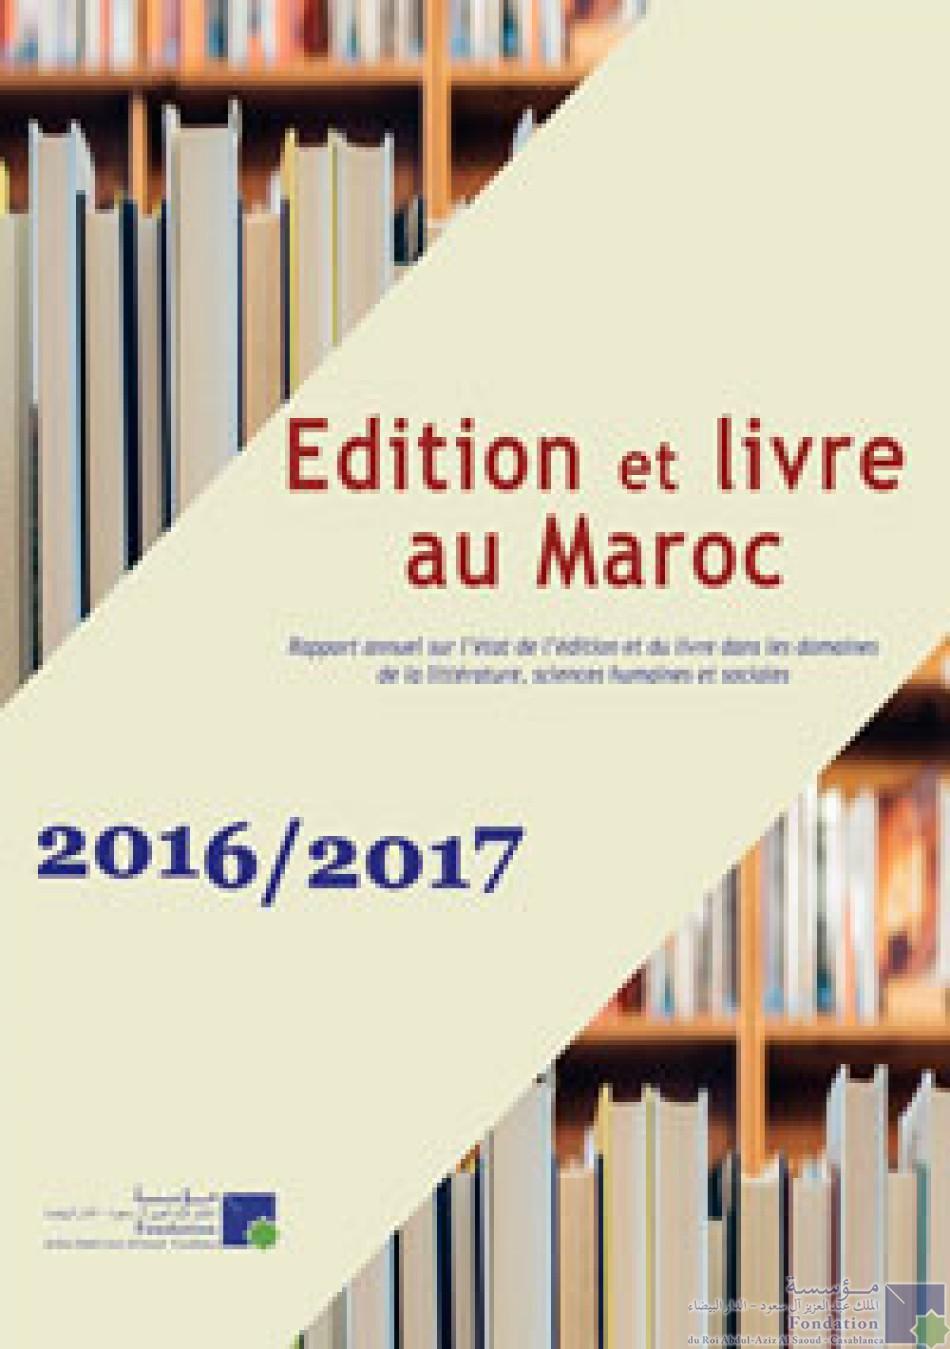 Edition Marocaine 2016 - 2017